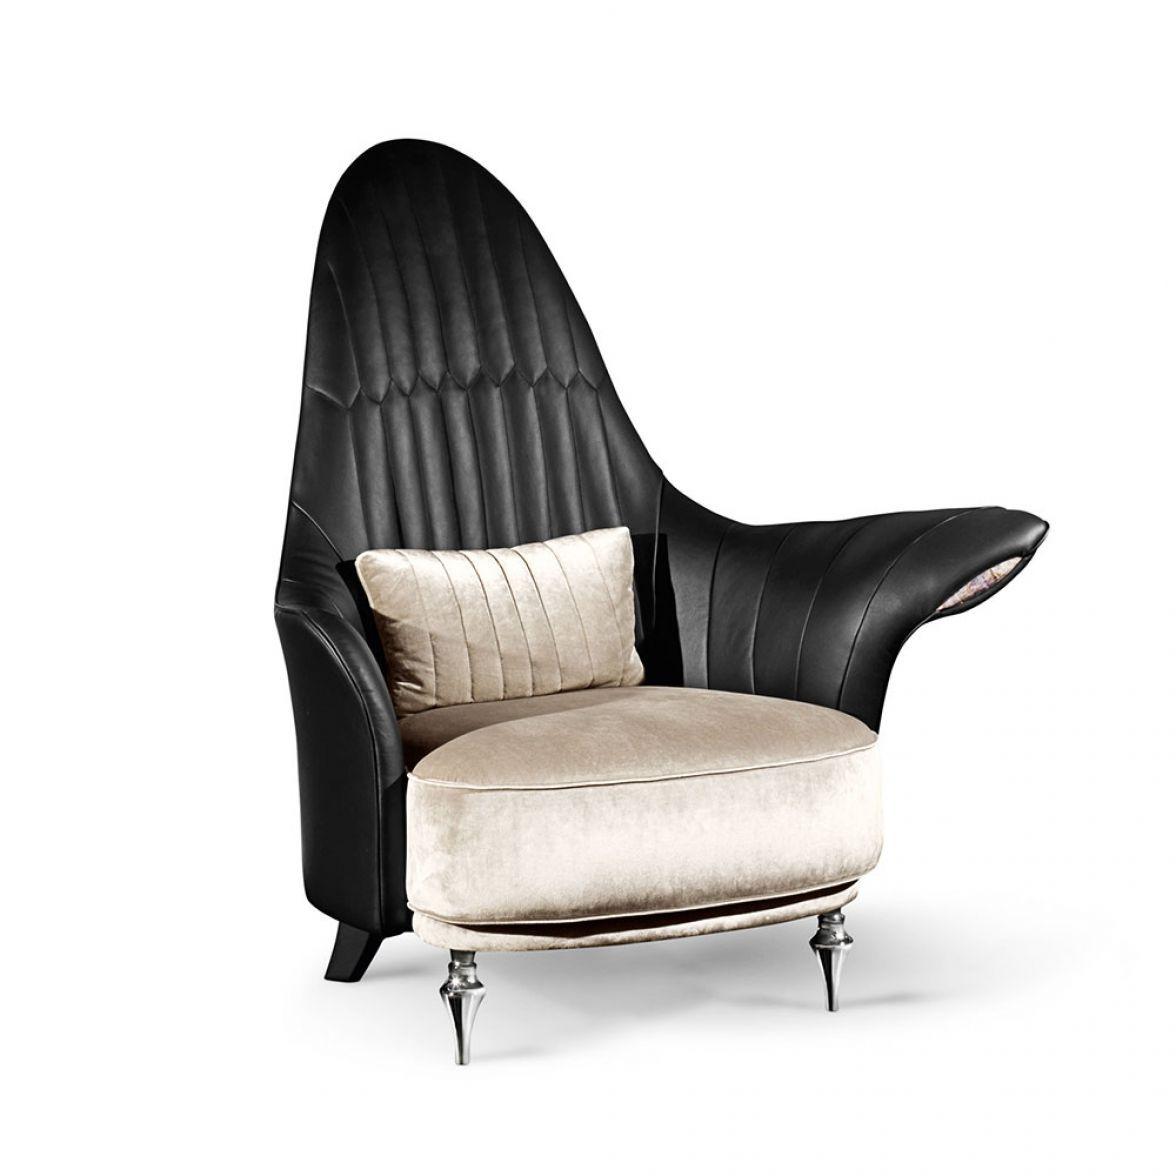 Wunjo armchair фото цена